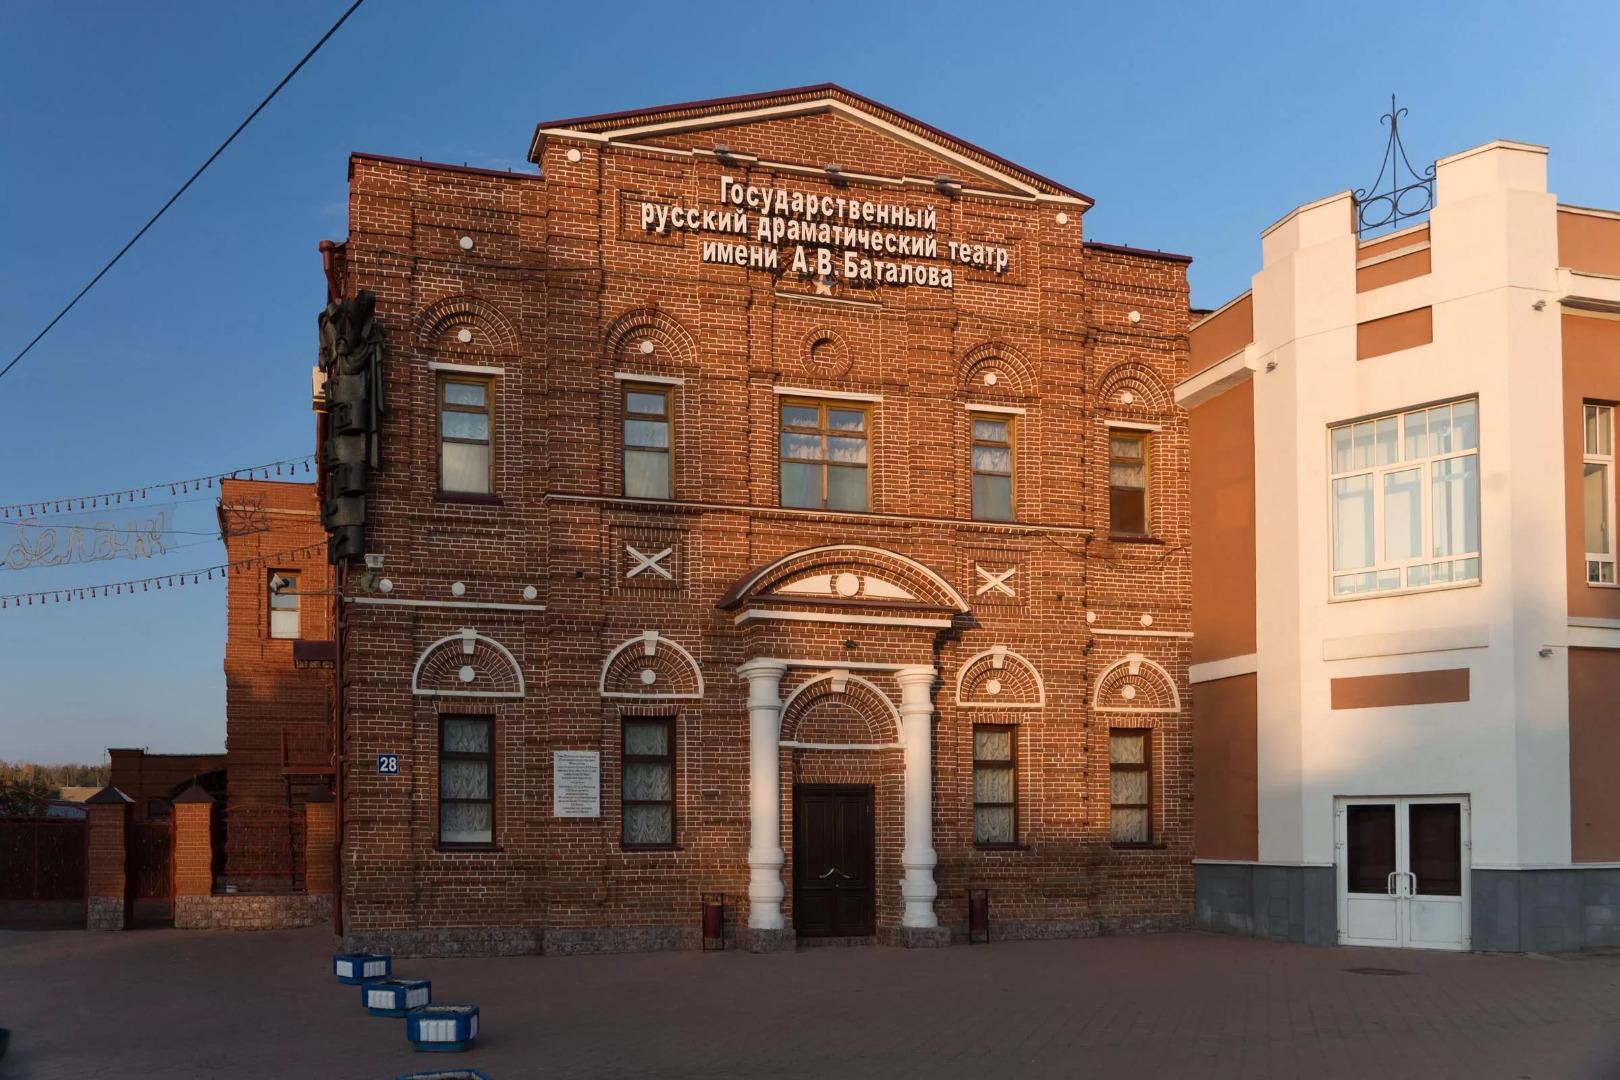 Бугульминский Государственный Русский Драматический Театр им. А.В.Баталова, Бугульма